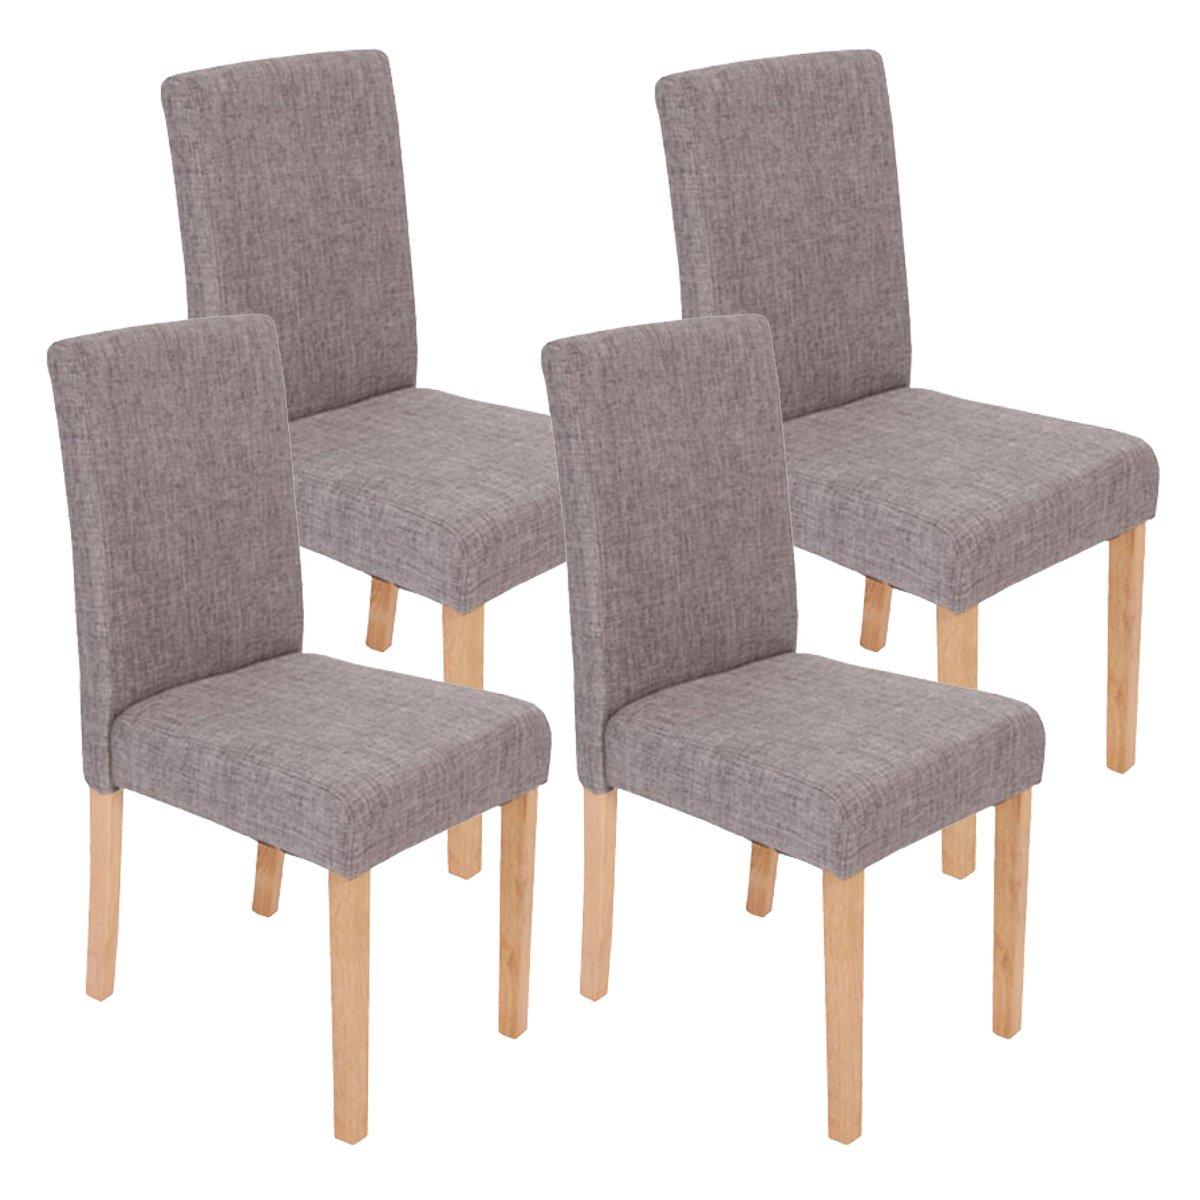 Lote 4 sillas de comedor litau tela precioso dise o tela for Sillas de tela comedor